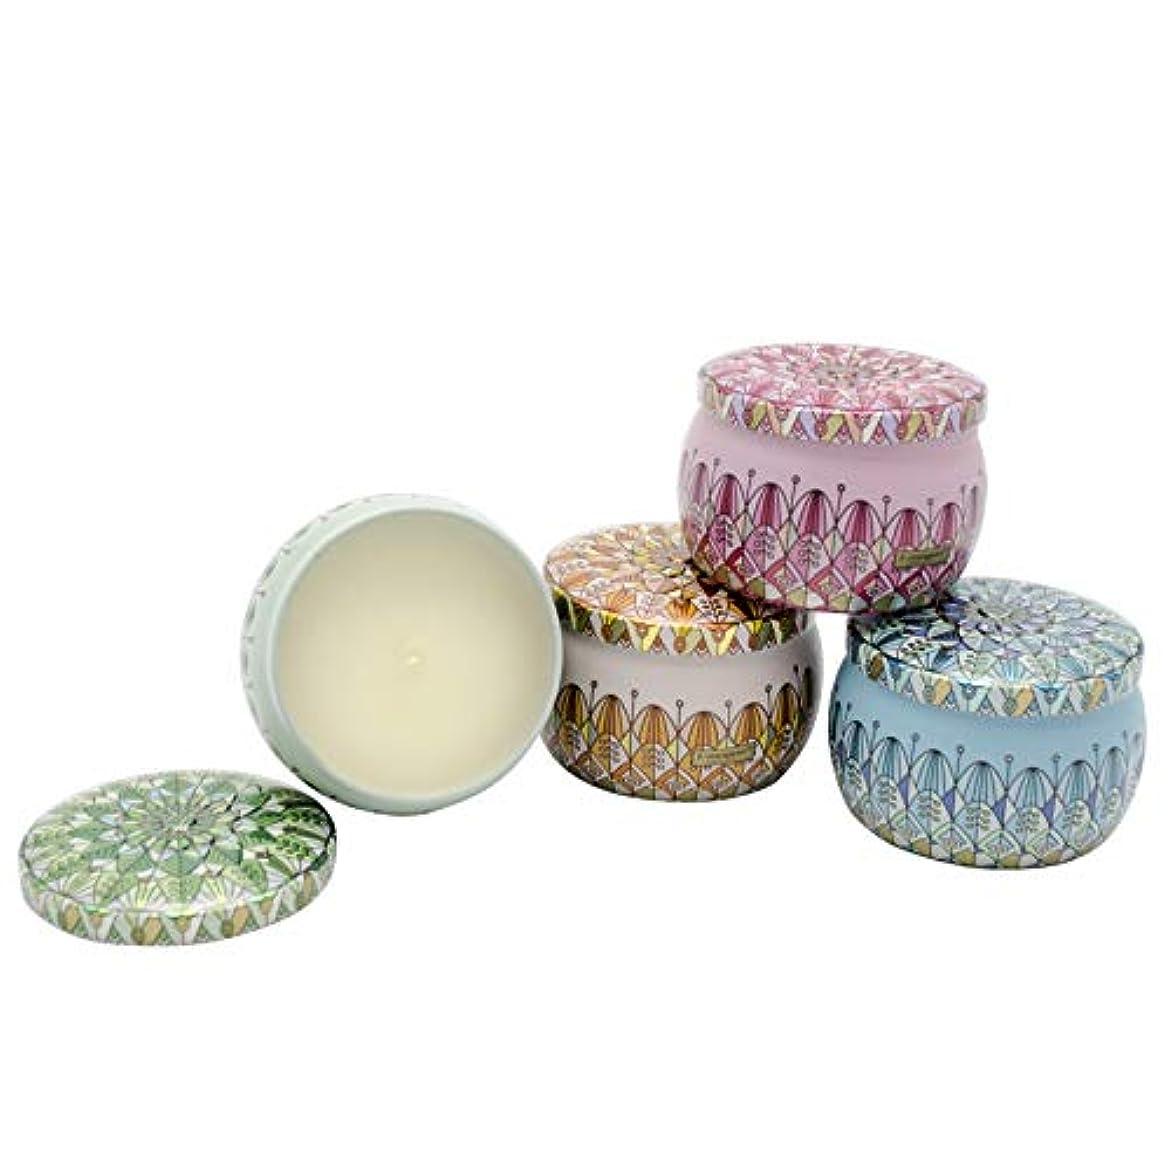 起業家炭素やむを得ないティンキャンドル ジオメトリ柄缶 4本セット アロマキャンドル バニラ&琥珀 シーウィンド&ブロッサム ホワイトアジサイ オレンジブロッサム